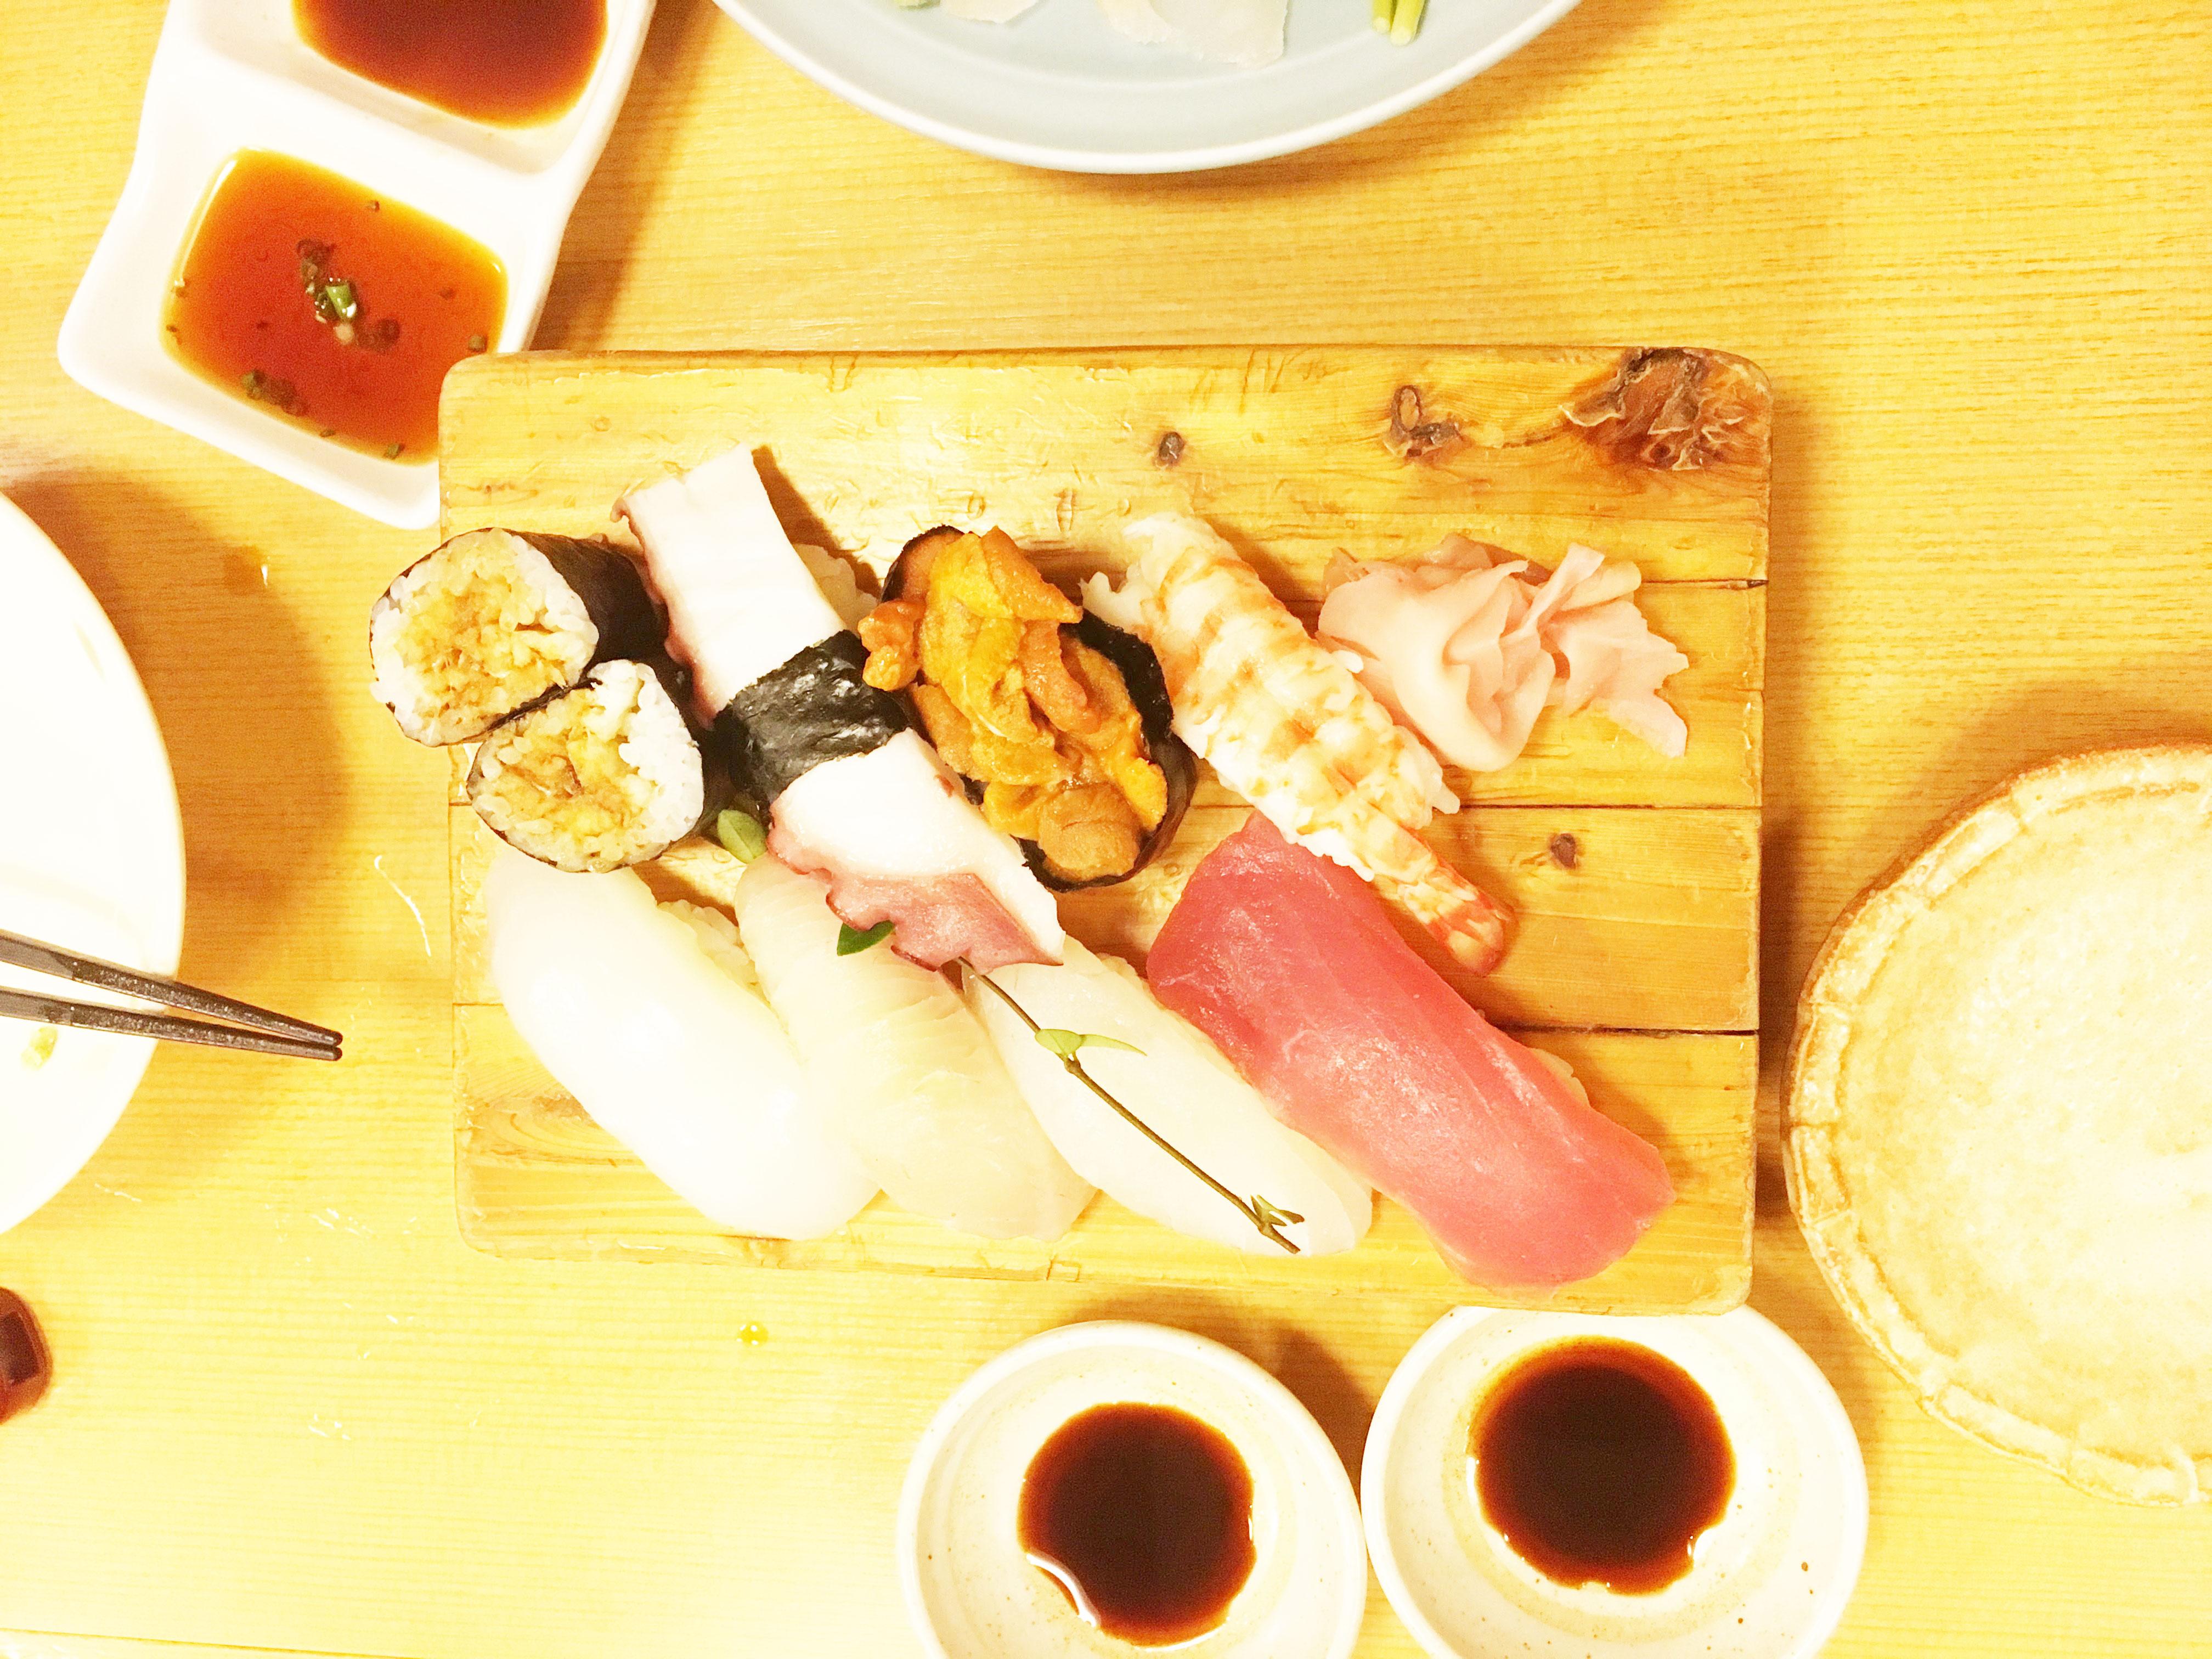 【天草】熊本市・花畑町で熊本の旨いお刺身やお寿司が食べられる居酒屋